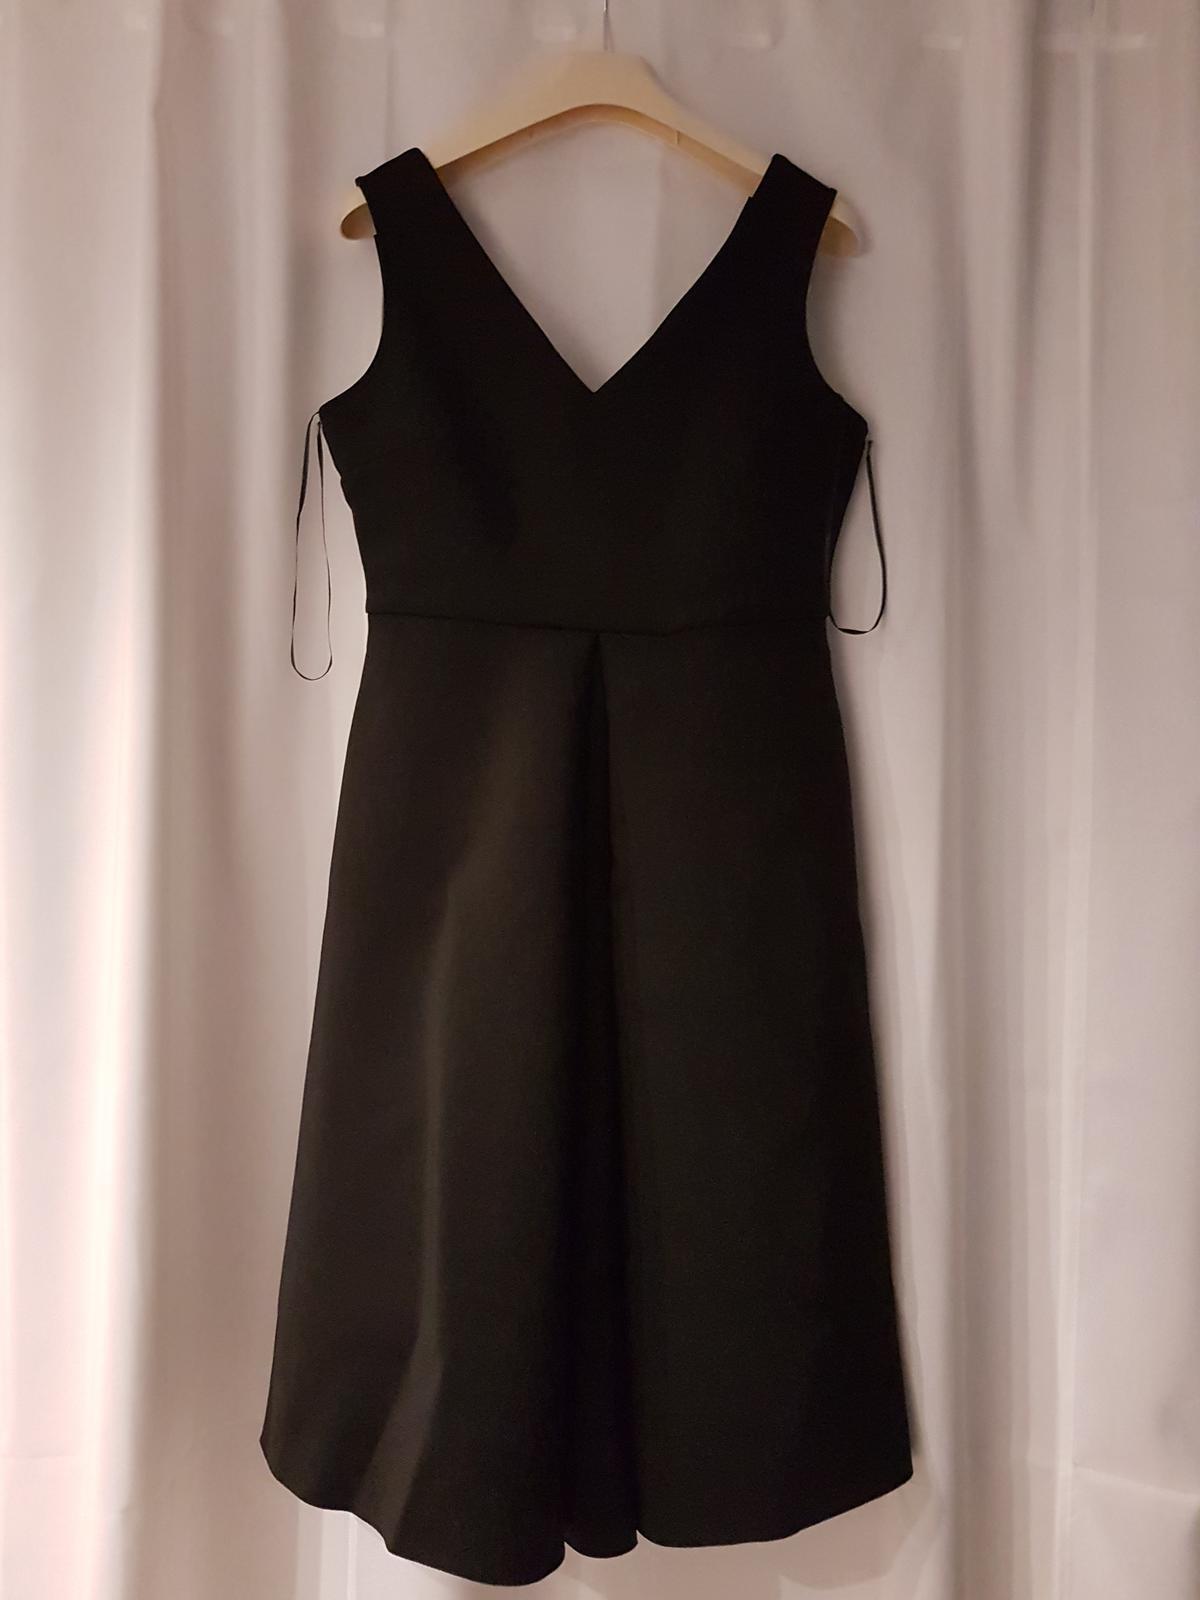 Čierne šaty s vreckami - Obrázok č. 1